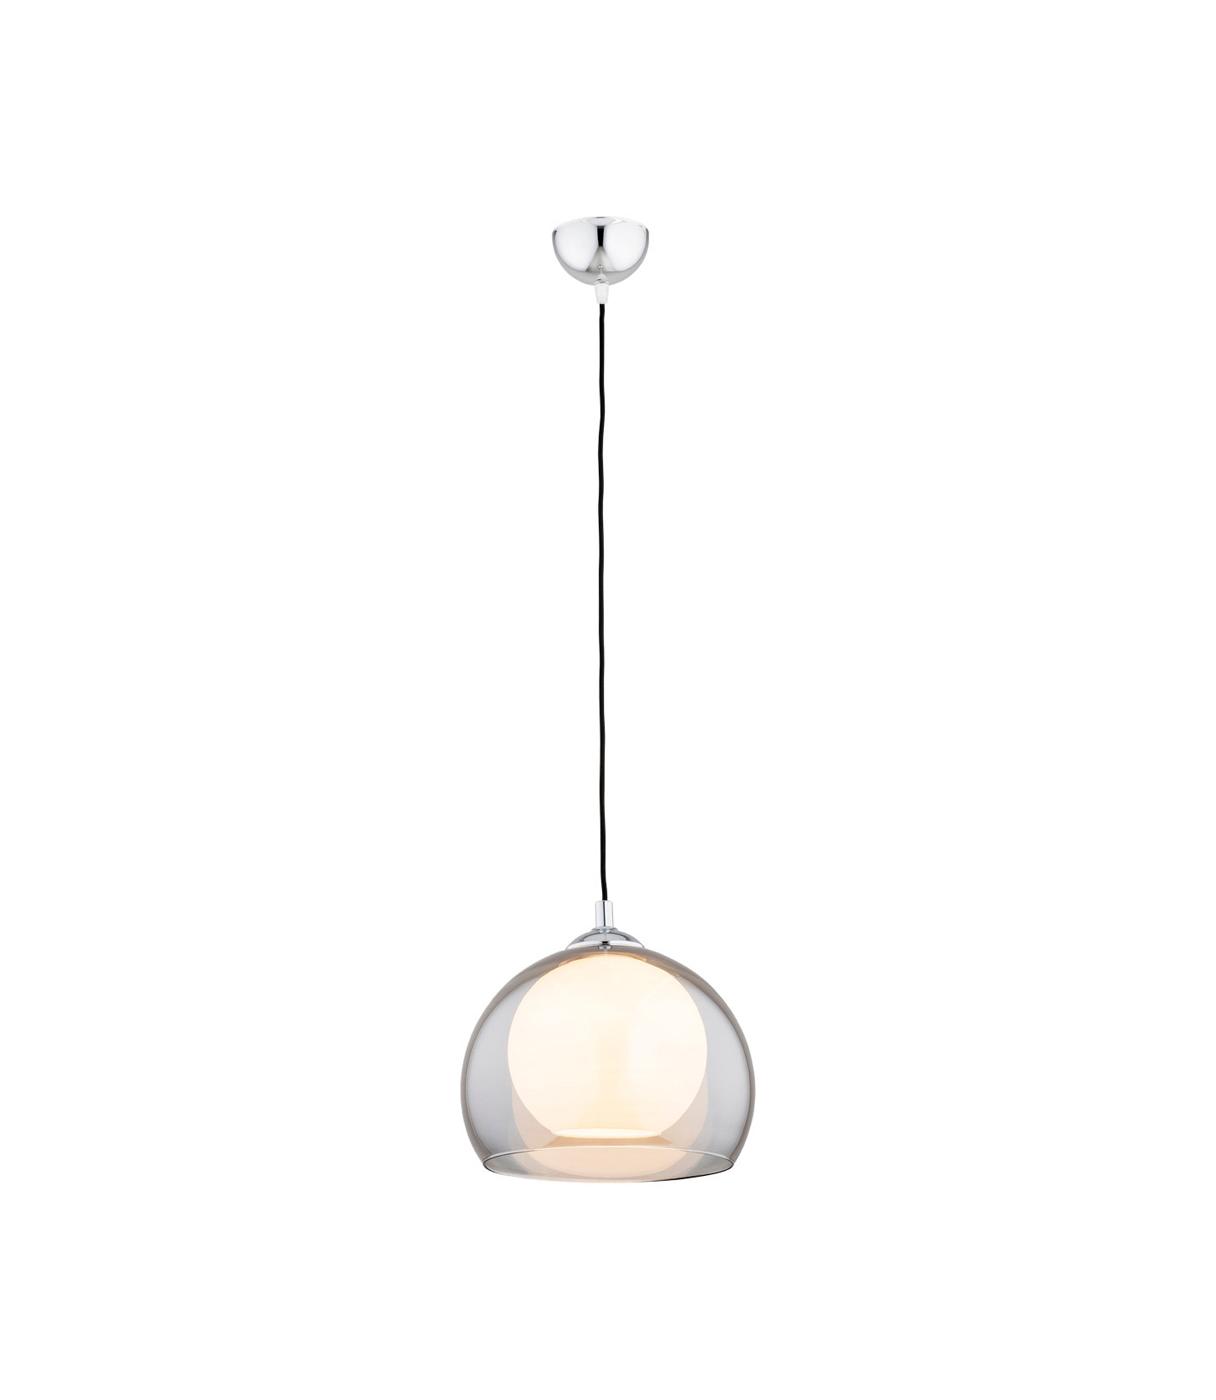 Nowoczesna lampa wisząca, okrągły szklany klosz w kolorze opal